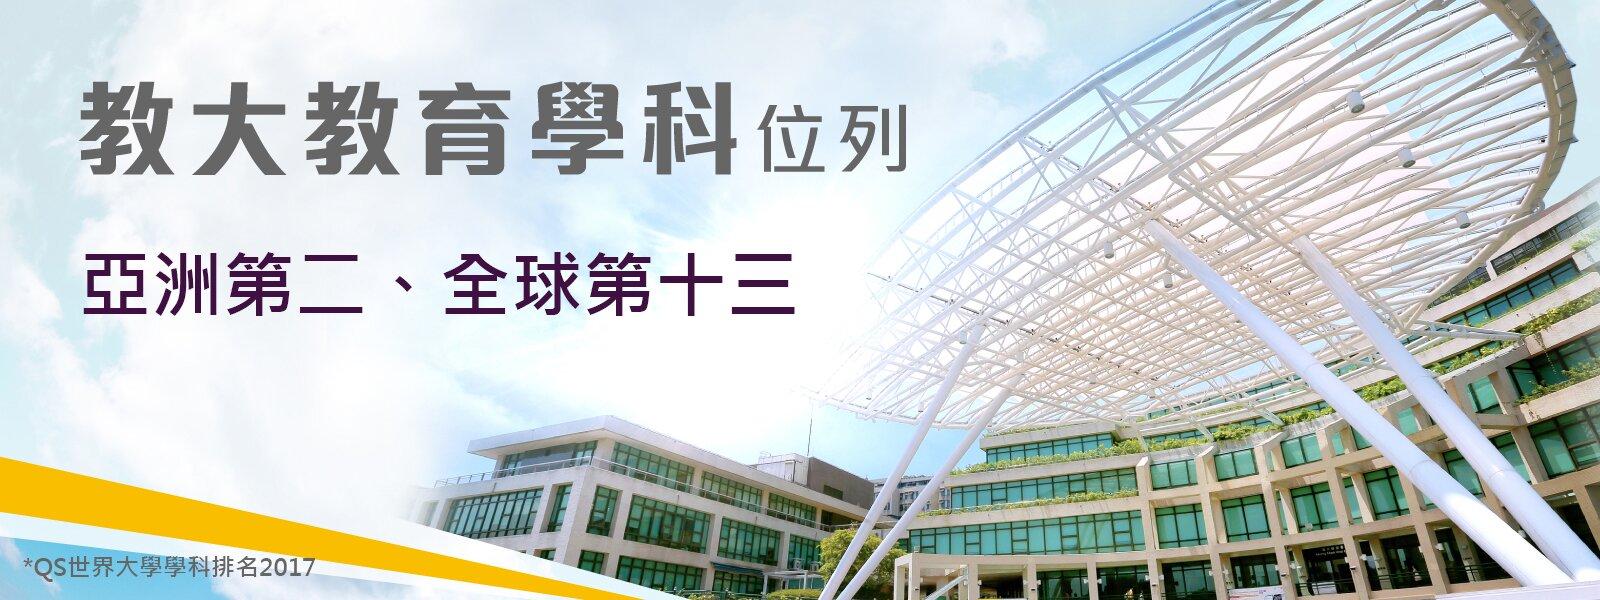 教大教育學科位列亞洲第二、全球第十三